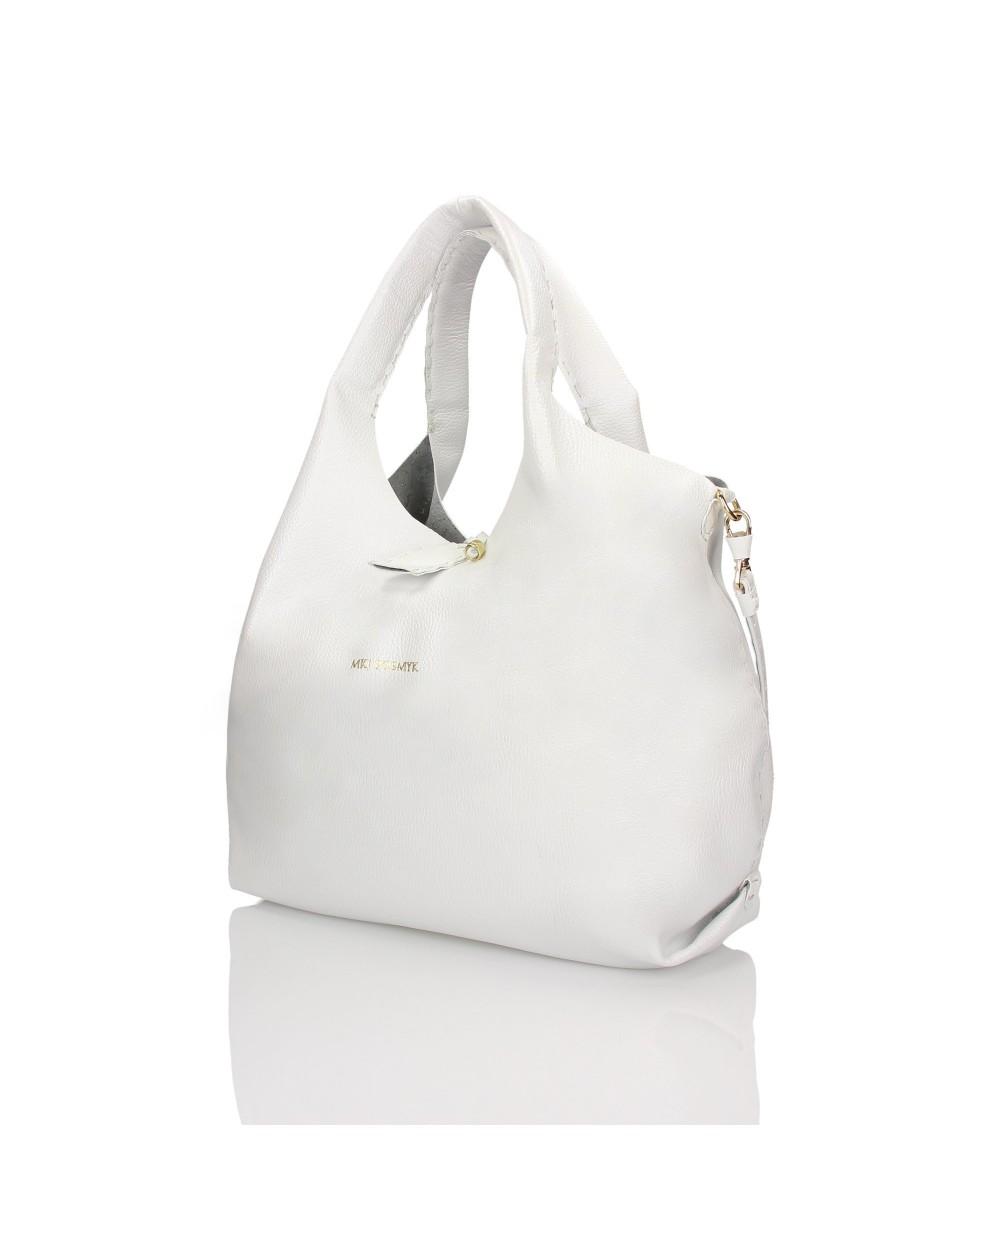 Luksusowa torebka worek z miękkiej skóry naturalnej Italiano biały perłowy